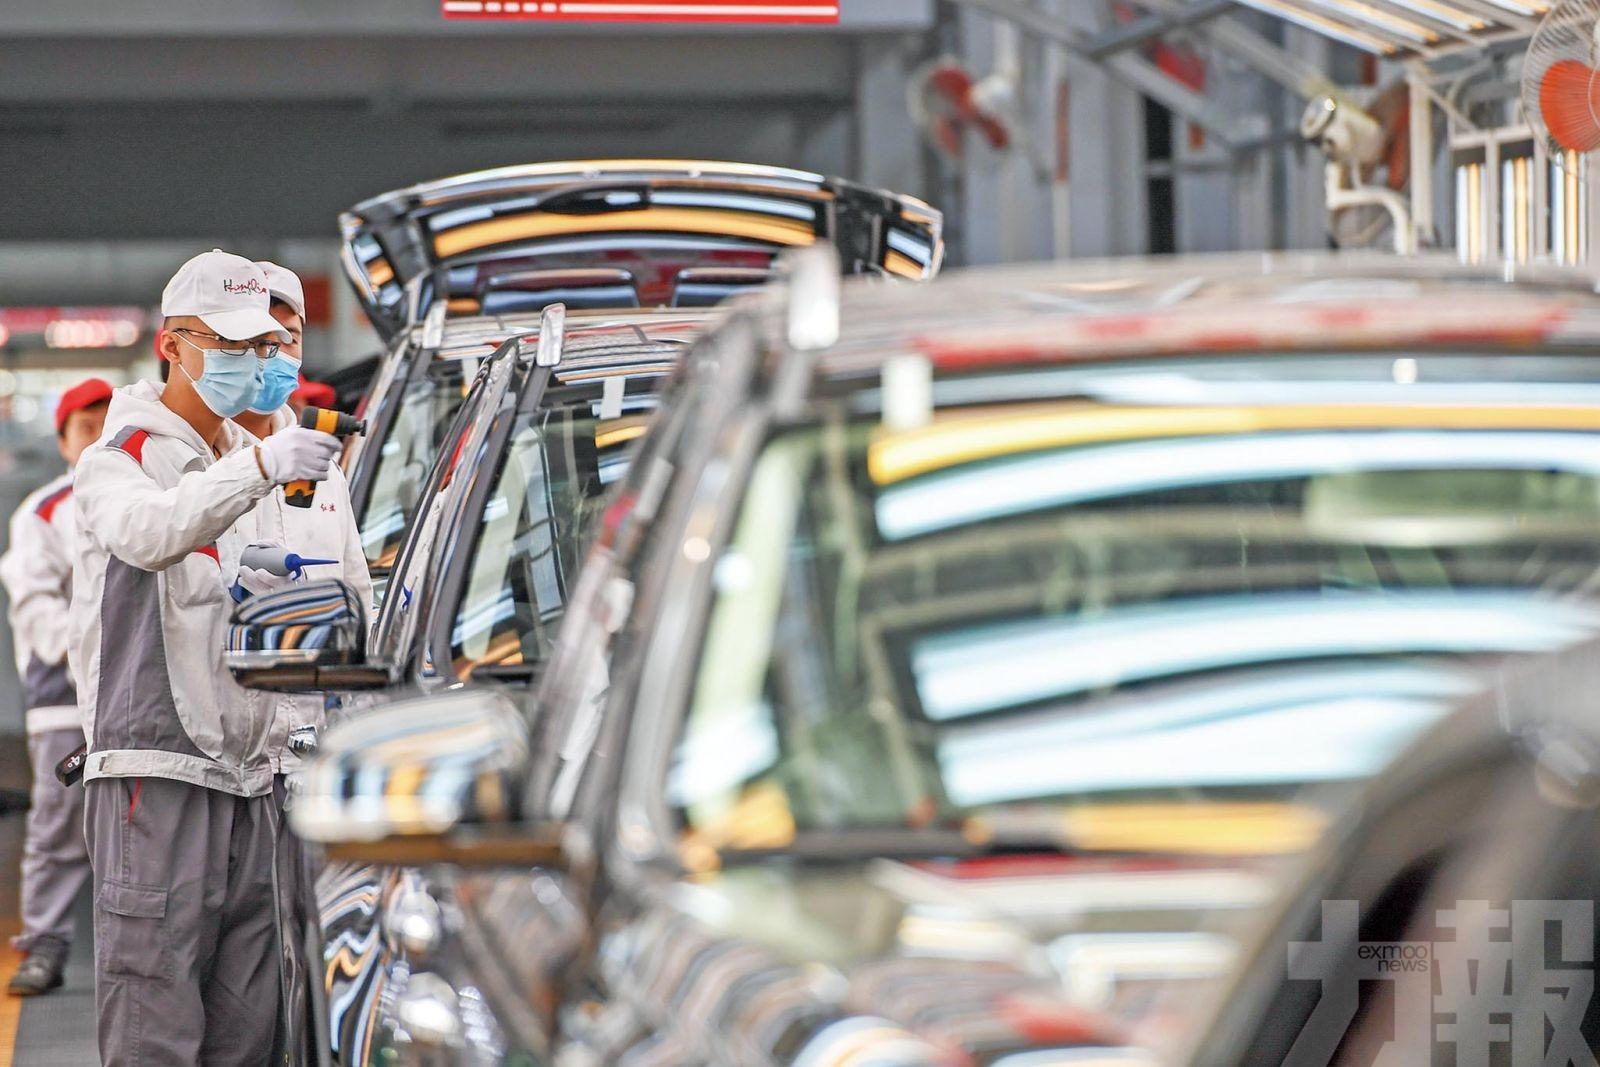 全年汽車銷量有望接近去年水平